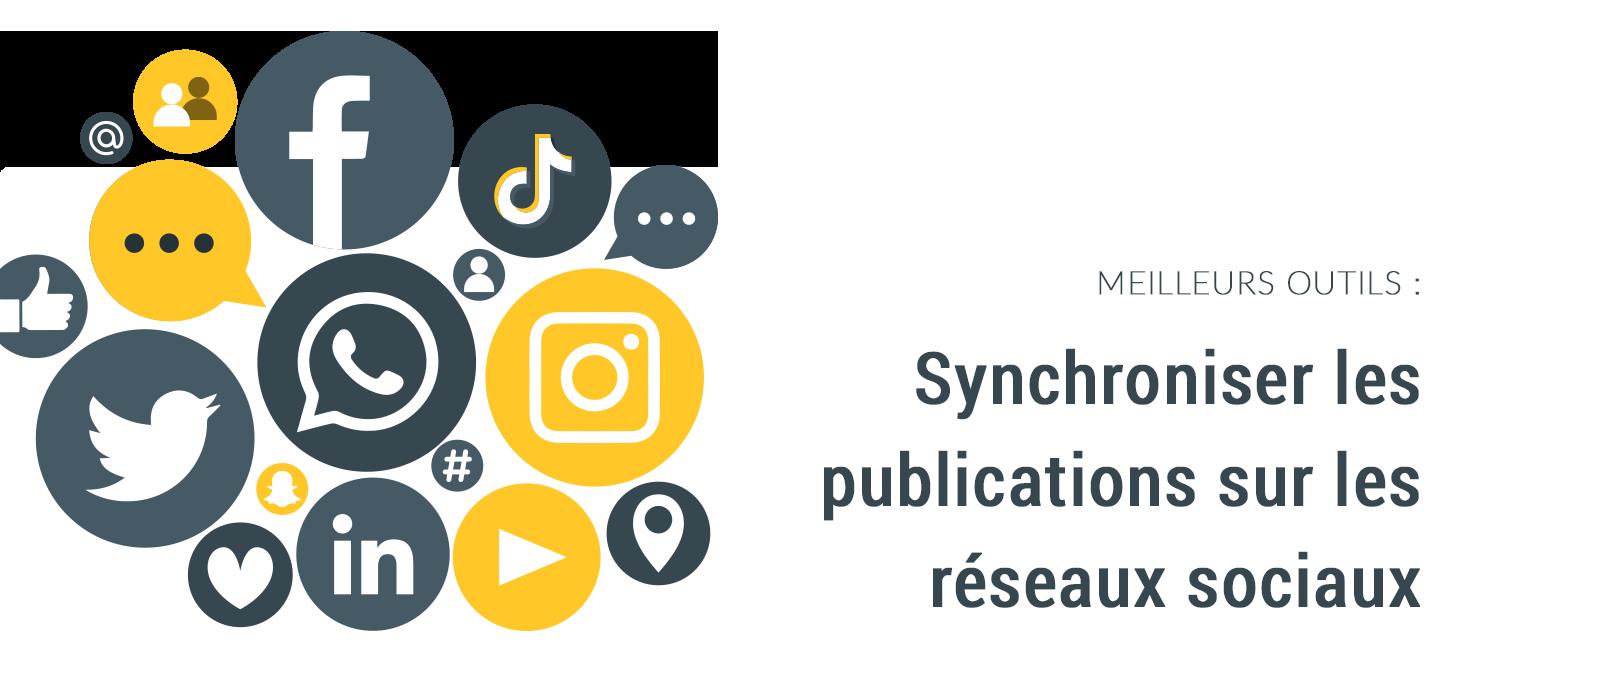 Outils pour synchroniser les publications sur les réseaux sociaux